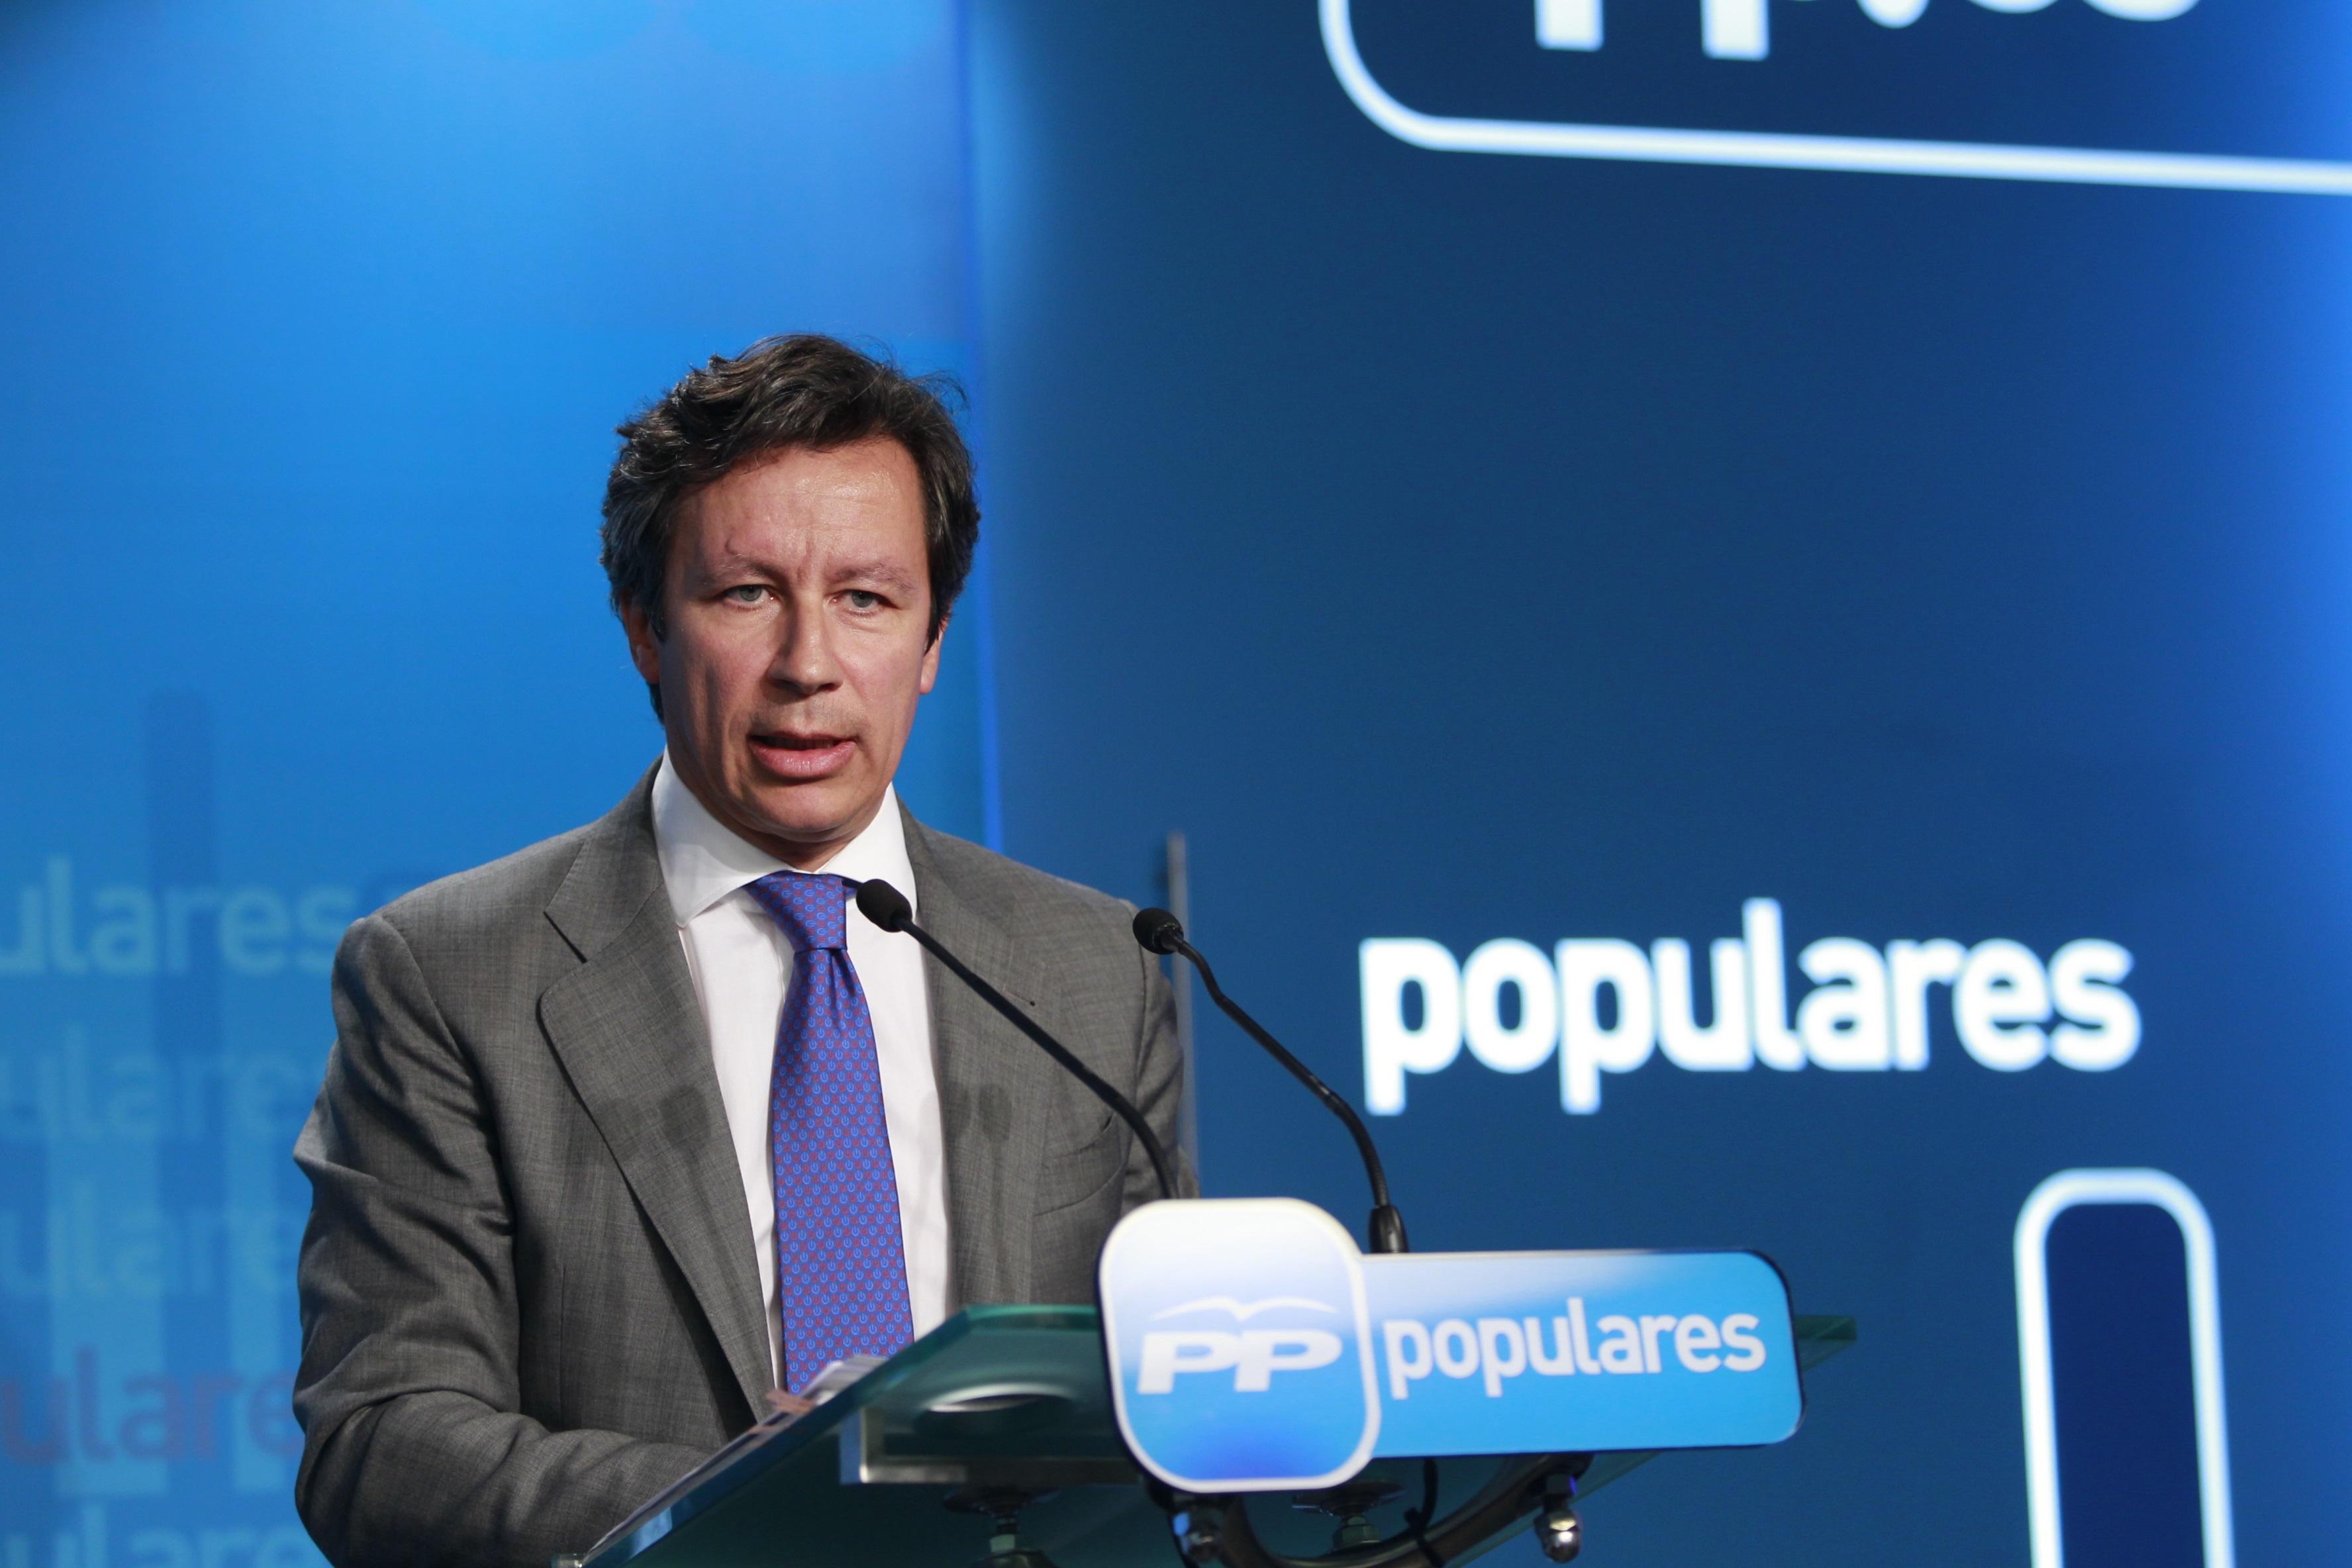 Floriano asistirá al encuentro de alcaldes del PP de Cáceres para analizar la reforma de la Administración Local